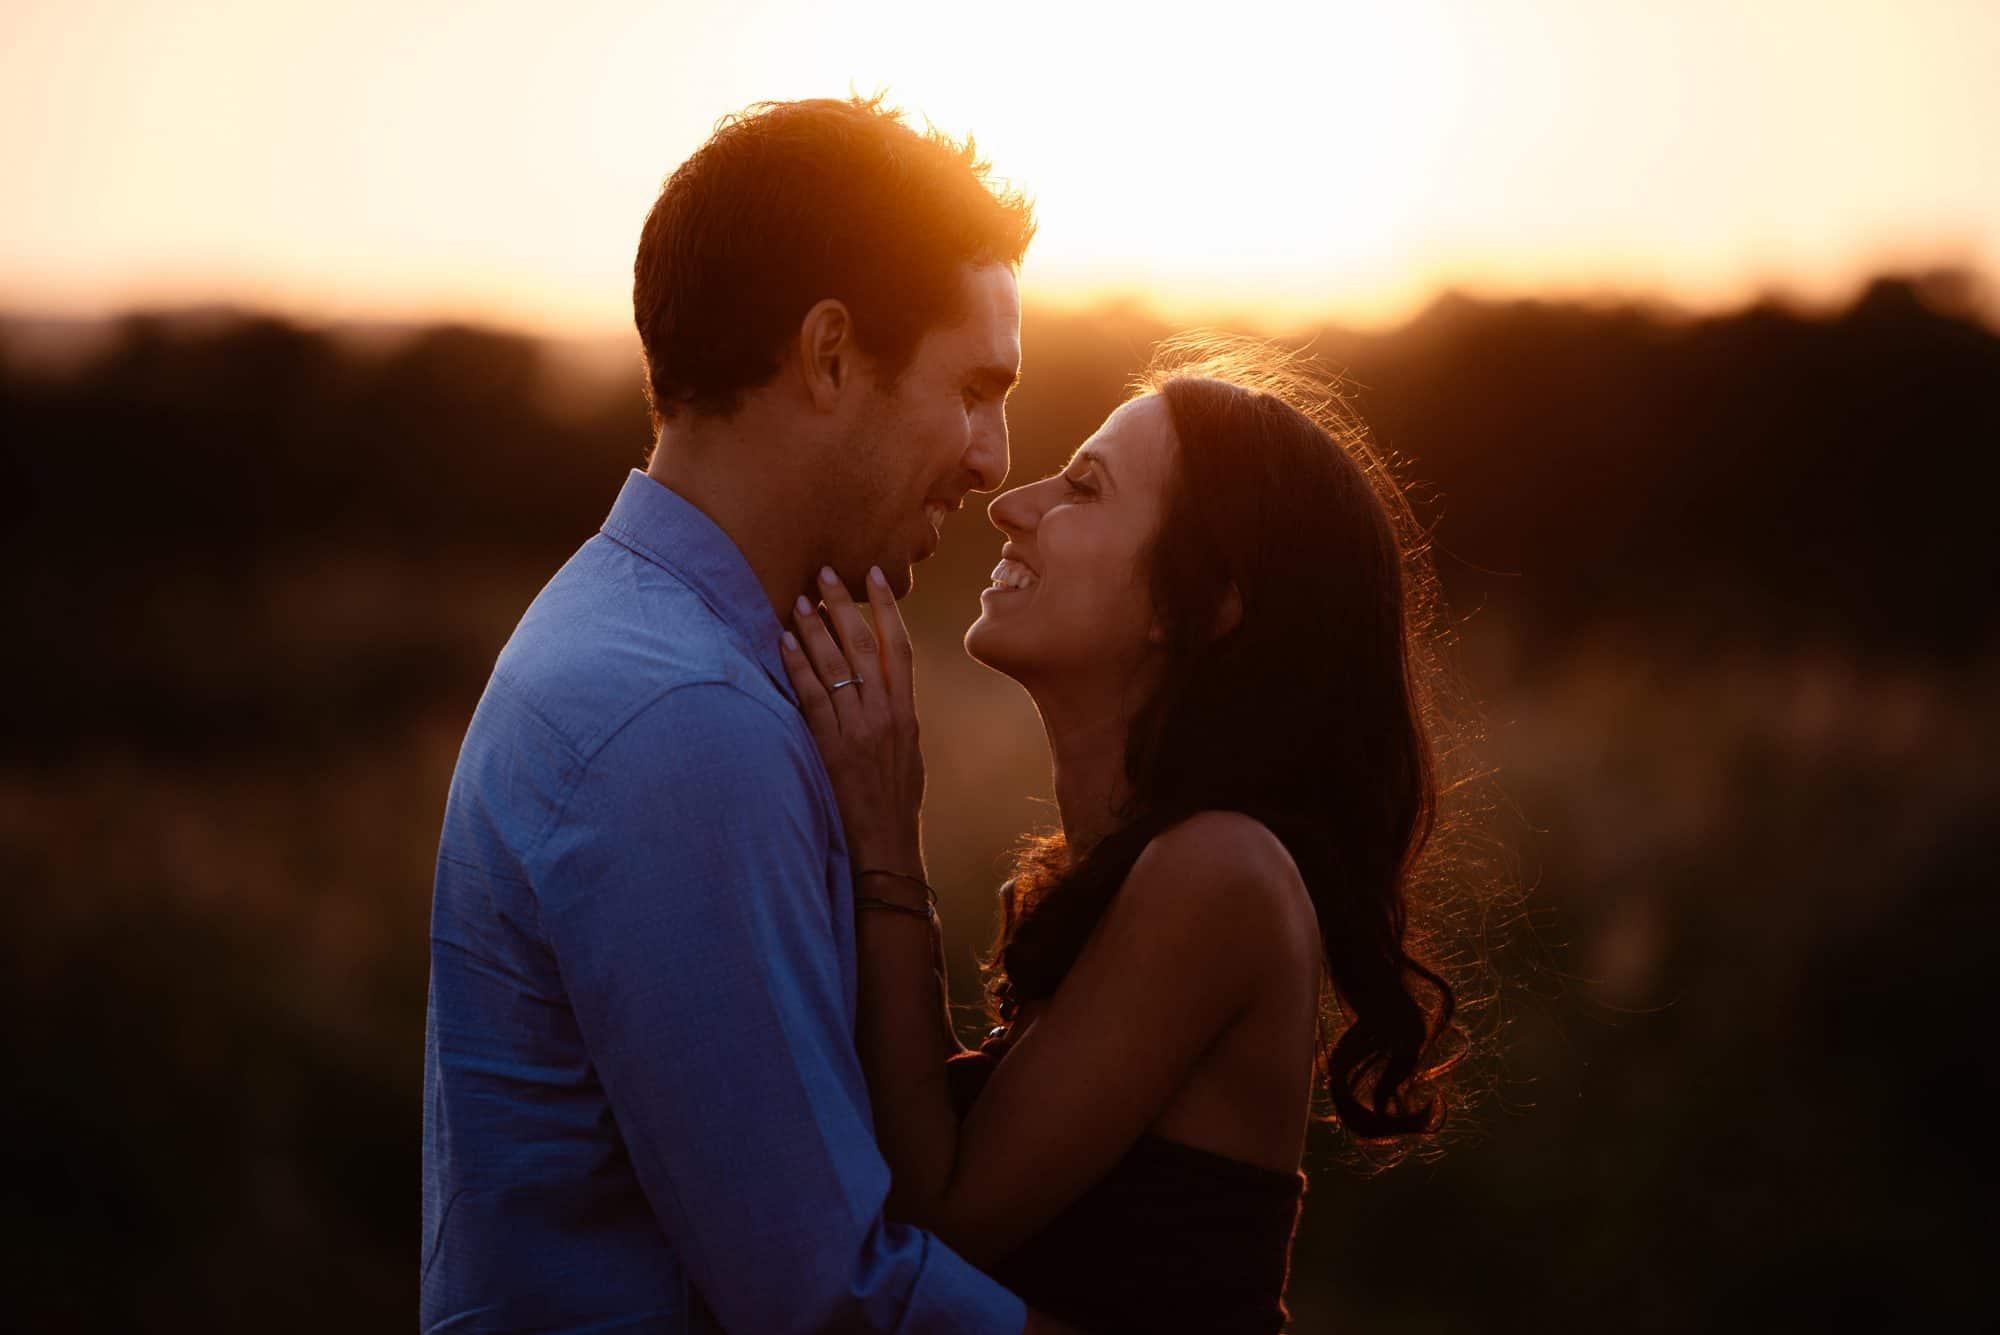 fotografia di fidanzamento sassari